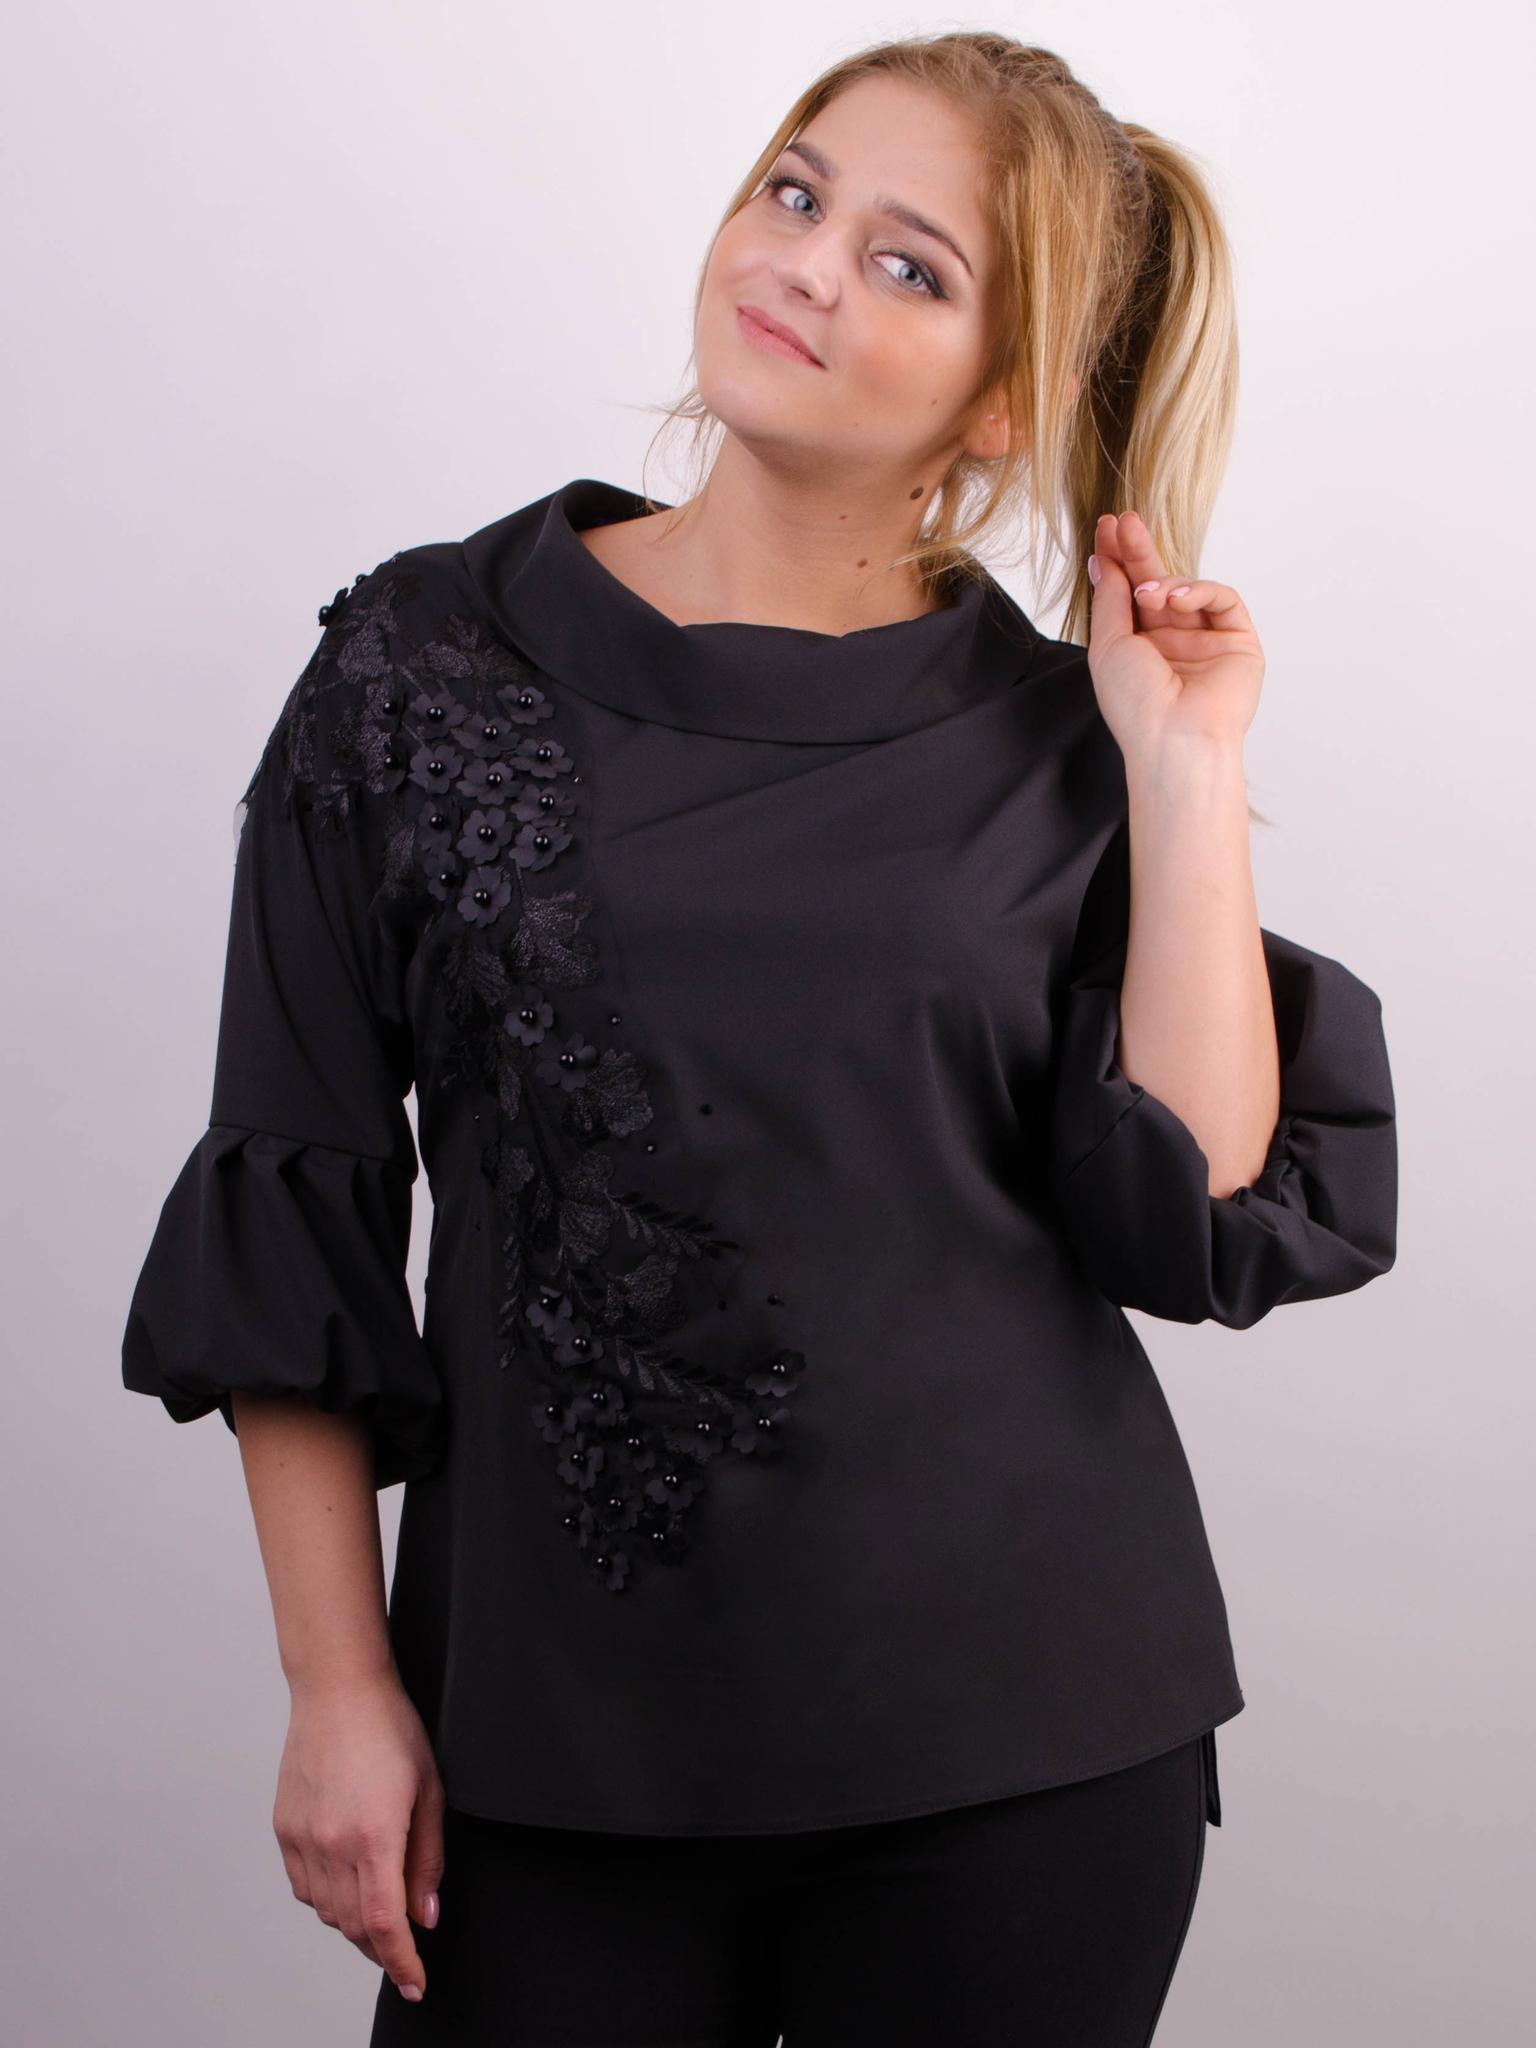 6845779a1fd Милана. Стильная блуза больших размеров. Черный. - купить по ...